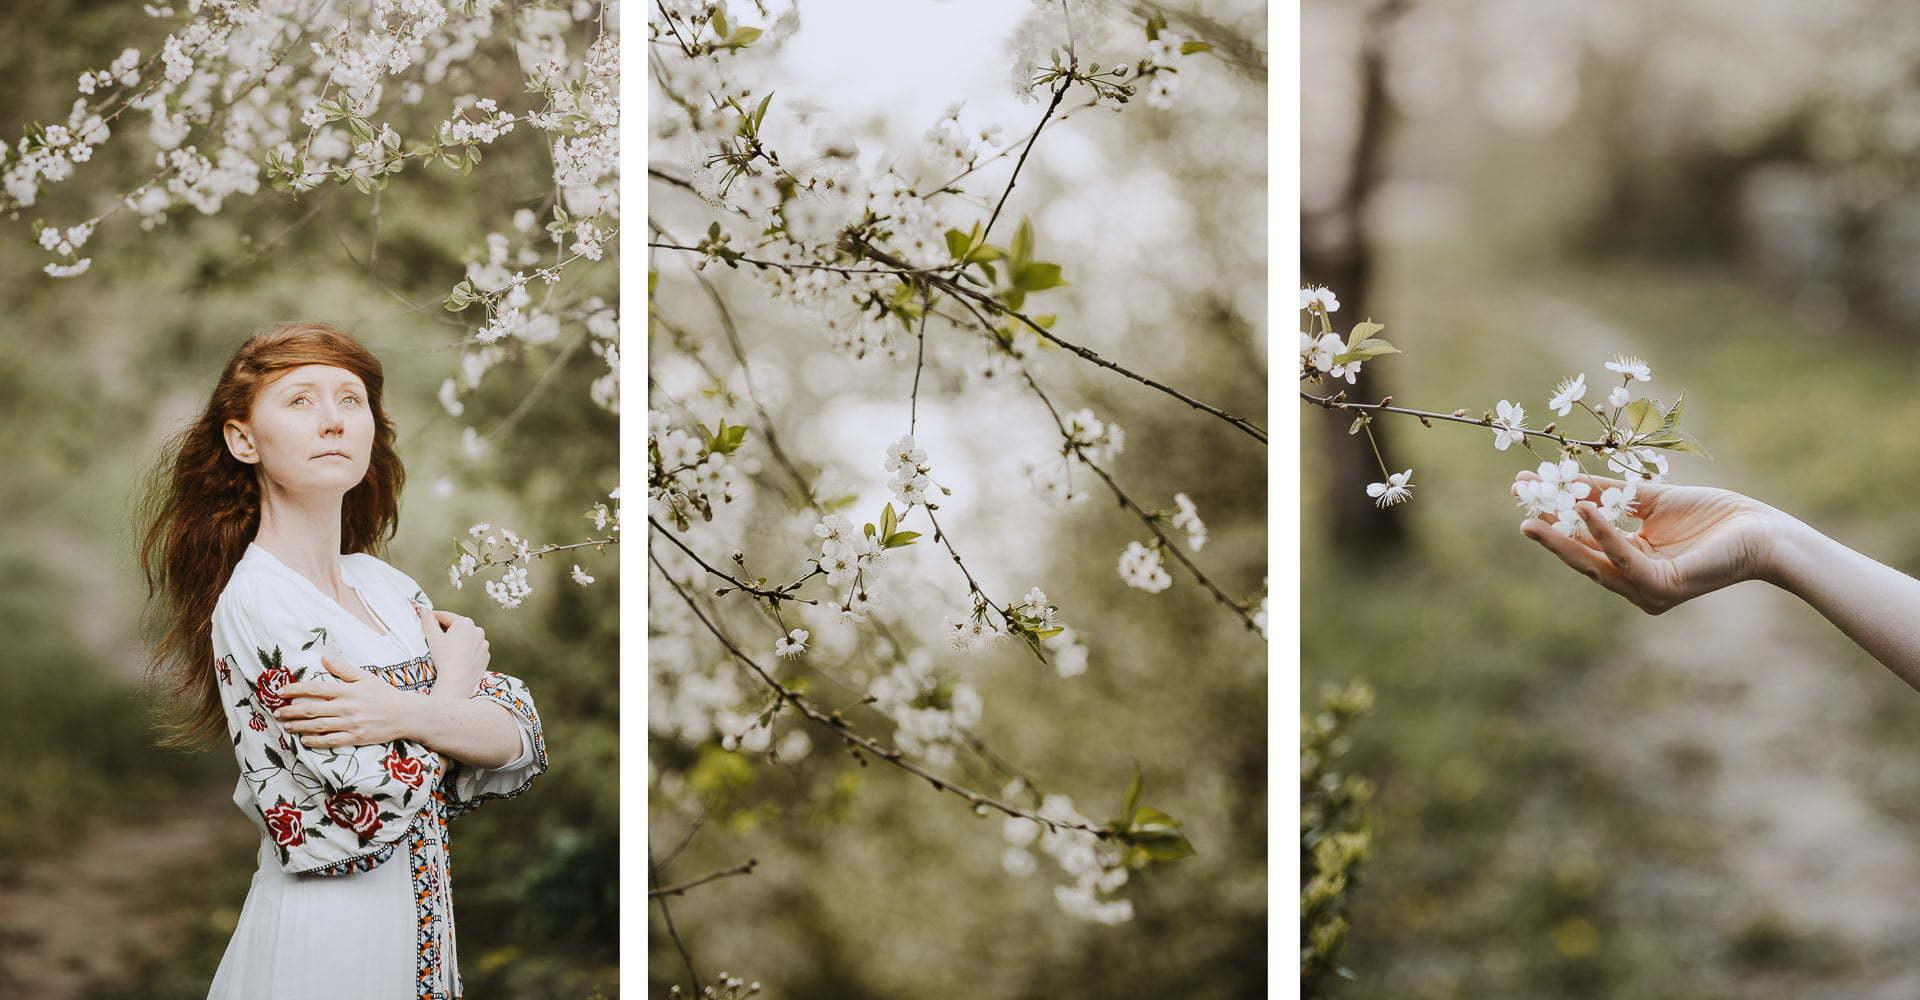 Wiosenne zdjęcia - portret